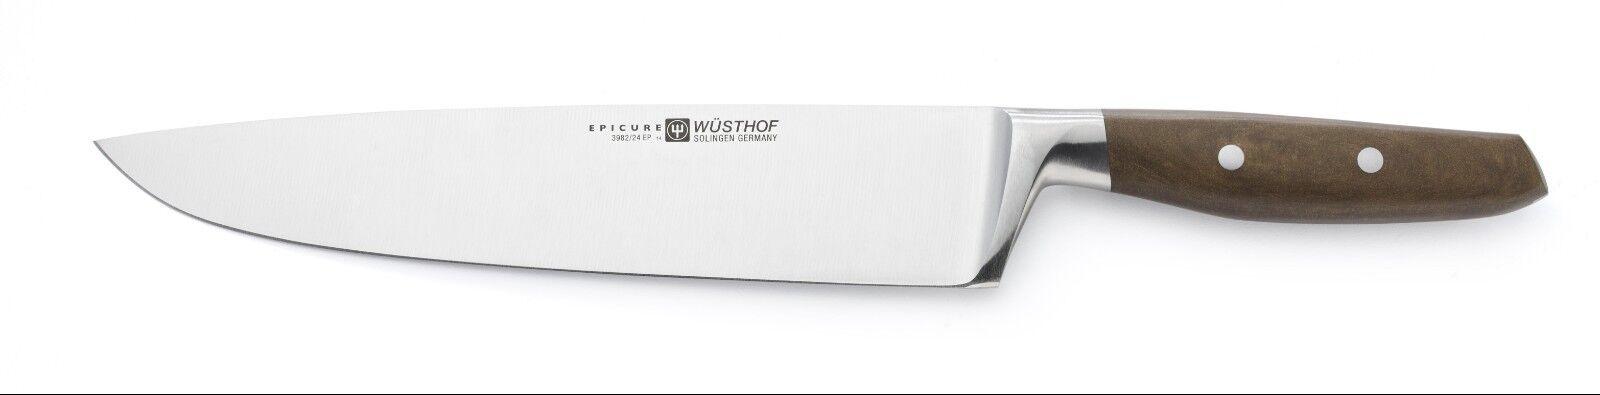 Wusthof 3982-7 24 Epicure Couteau de Cuisine, 9 pouces